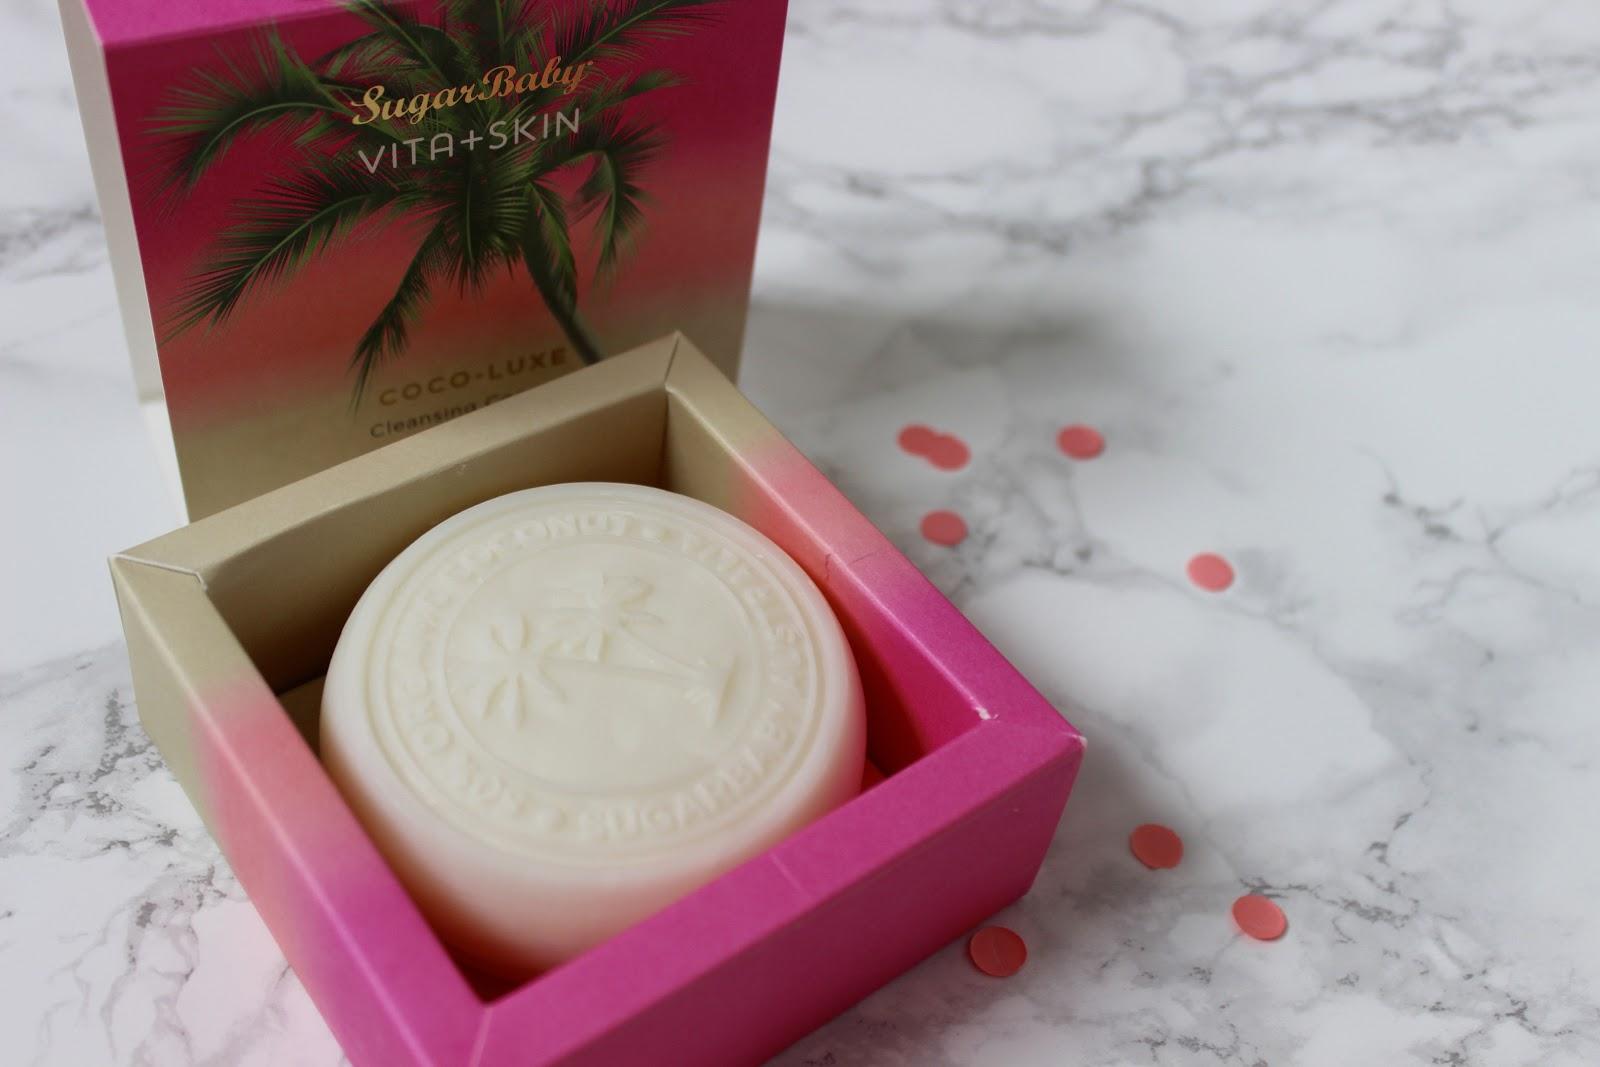 sugar baby, Coco-Luxe- Cleansing Coconut Beauty Bar, Hair Affair- Hydrating Coconut Hair Treatment, Sugar Crush- Coconut & Raw Sugar Exfoliating Body Scrub